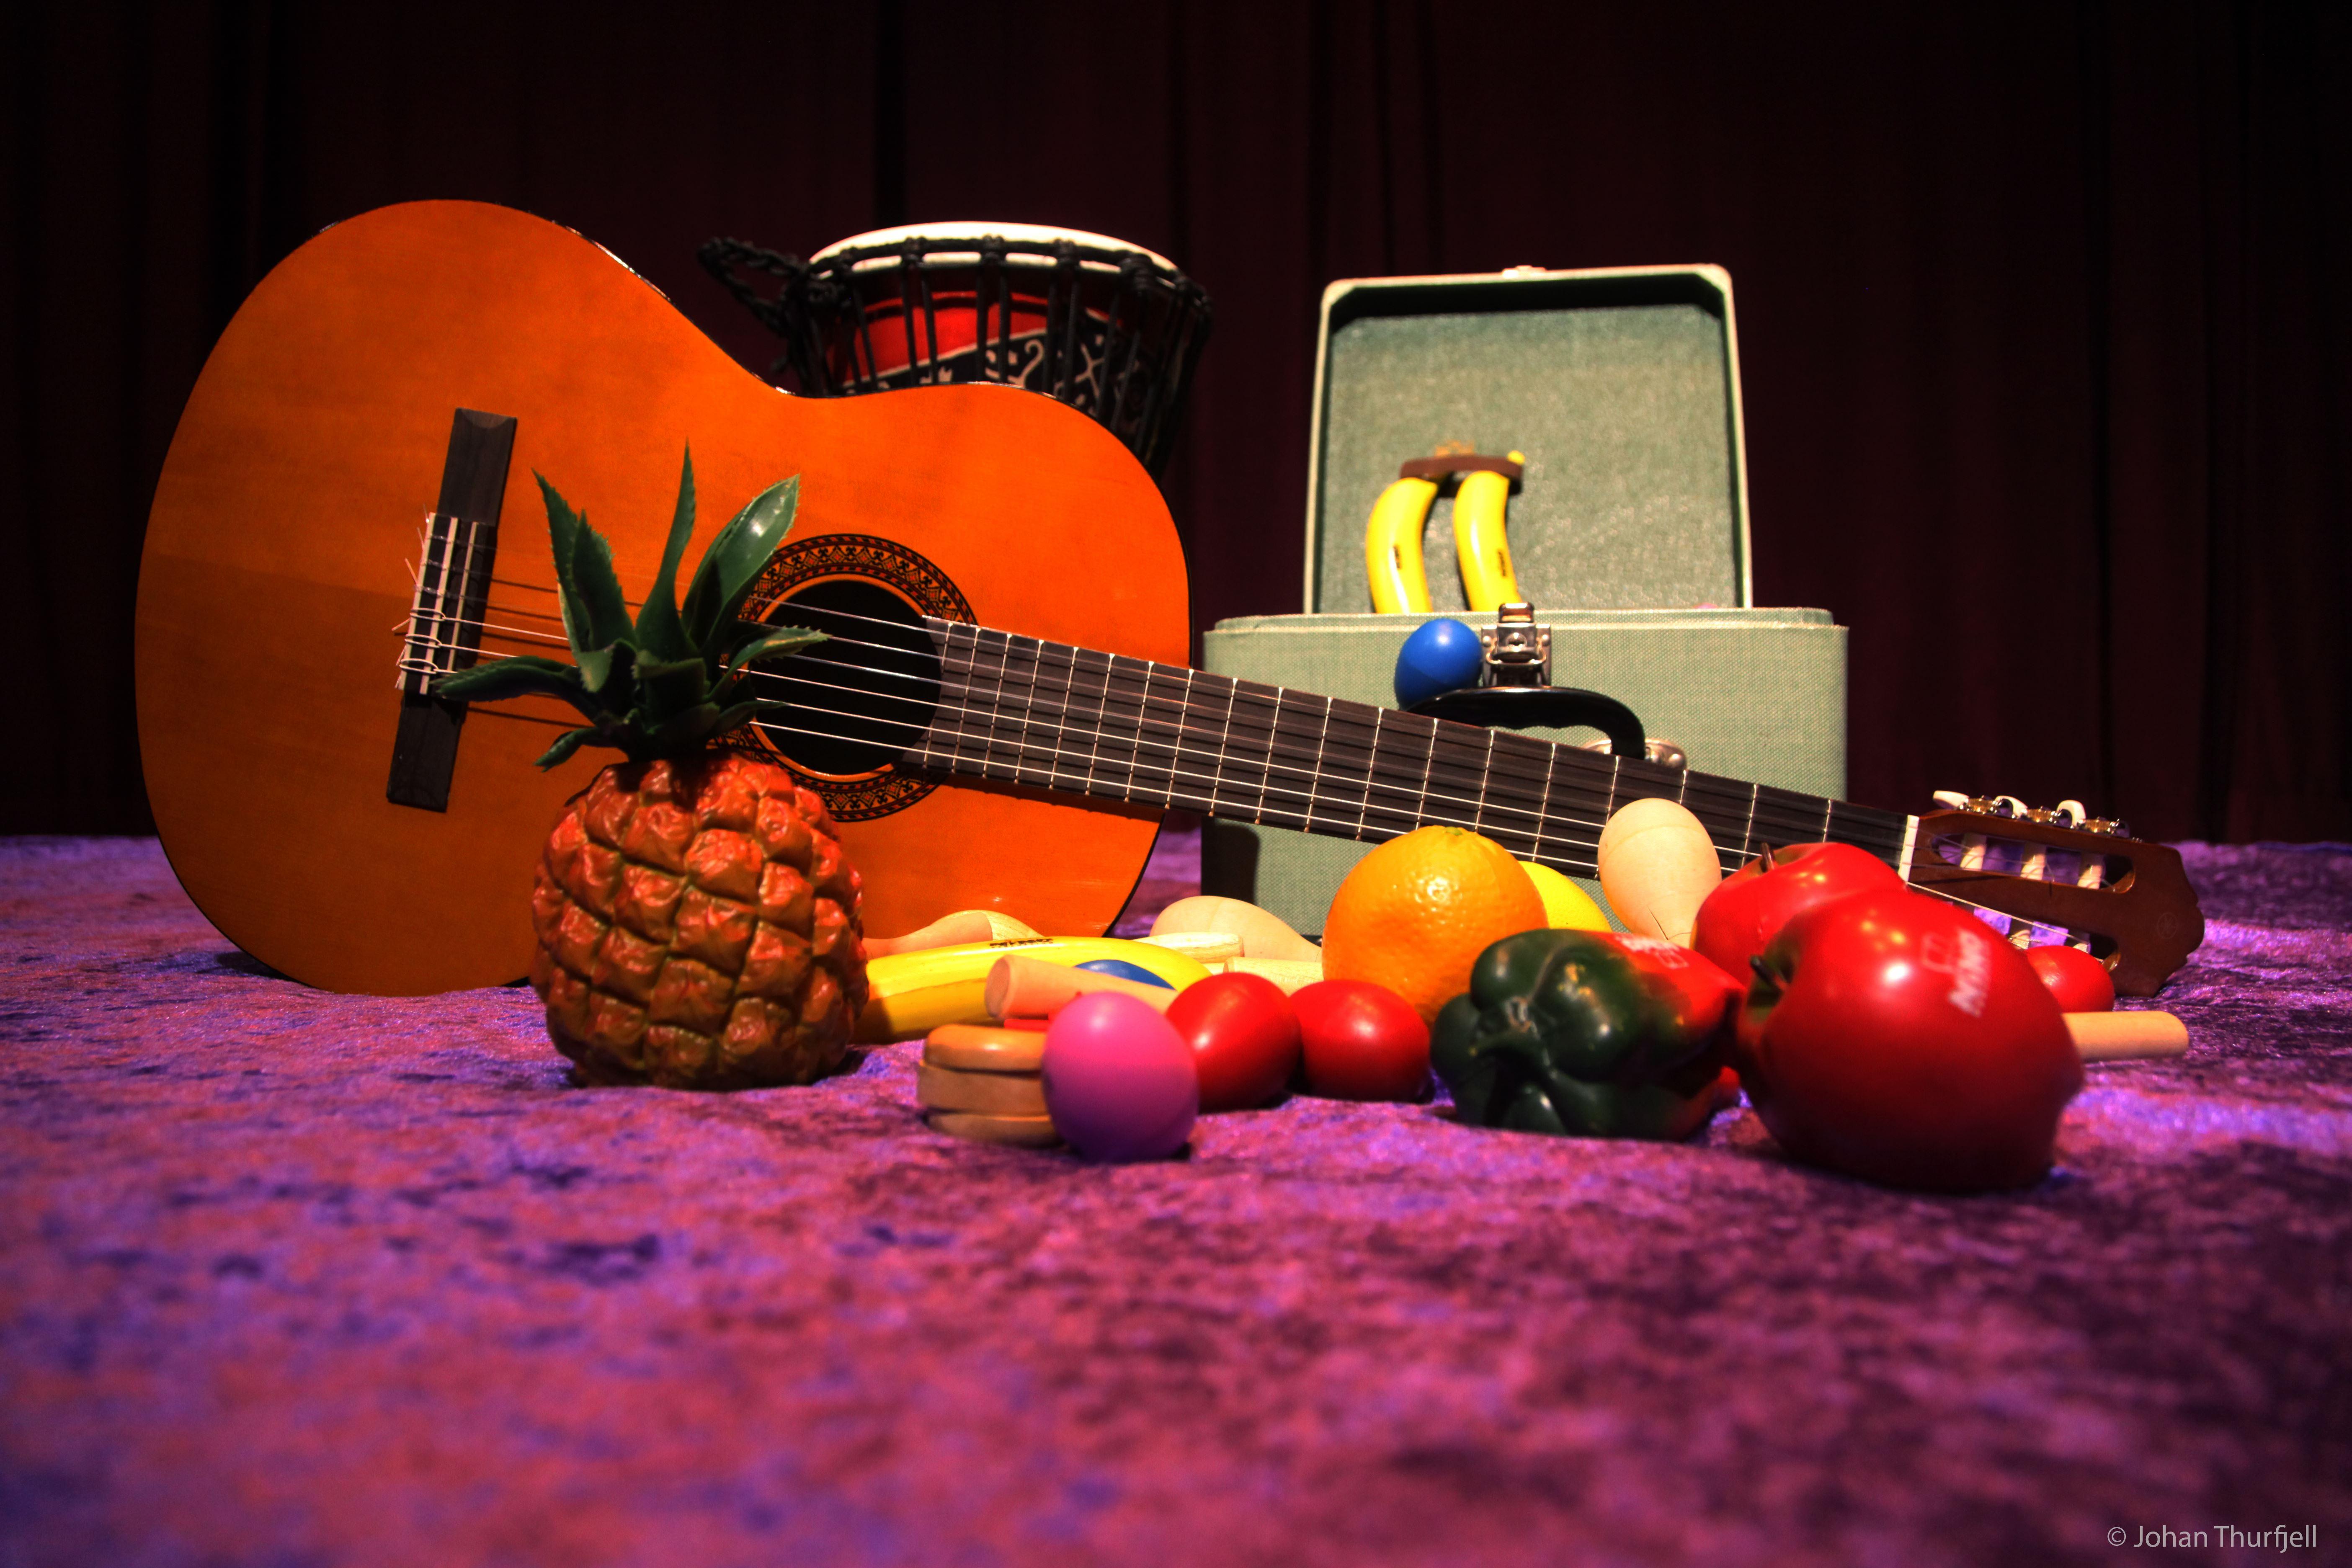 Johan Thurfjell, Gitarr och dekorationsfrukter